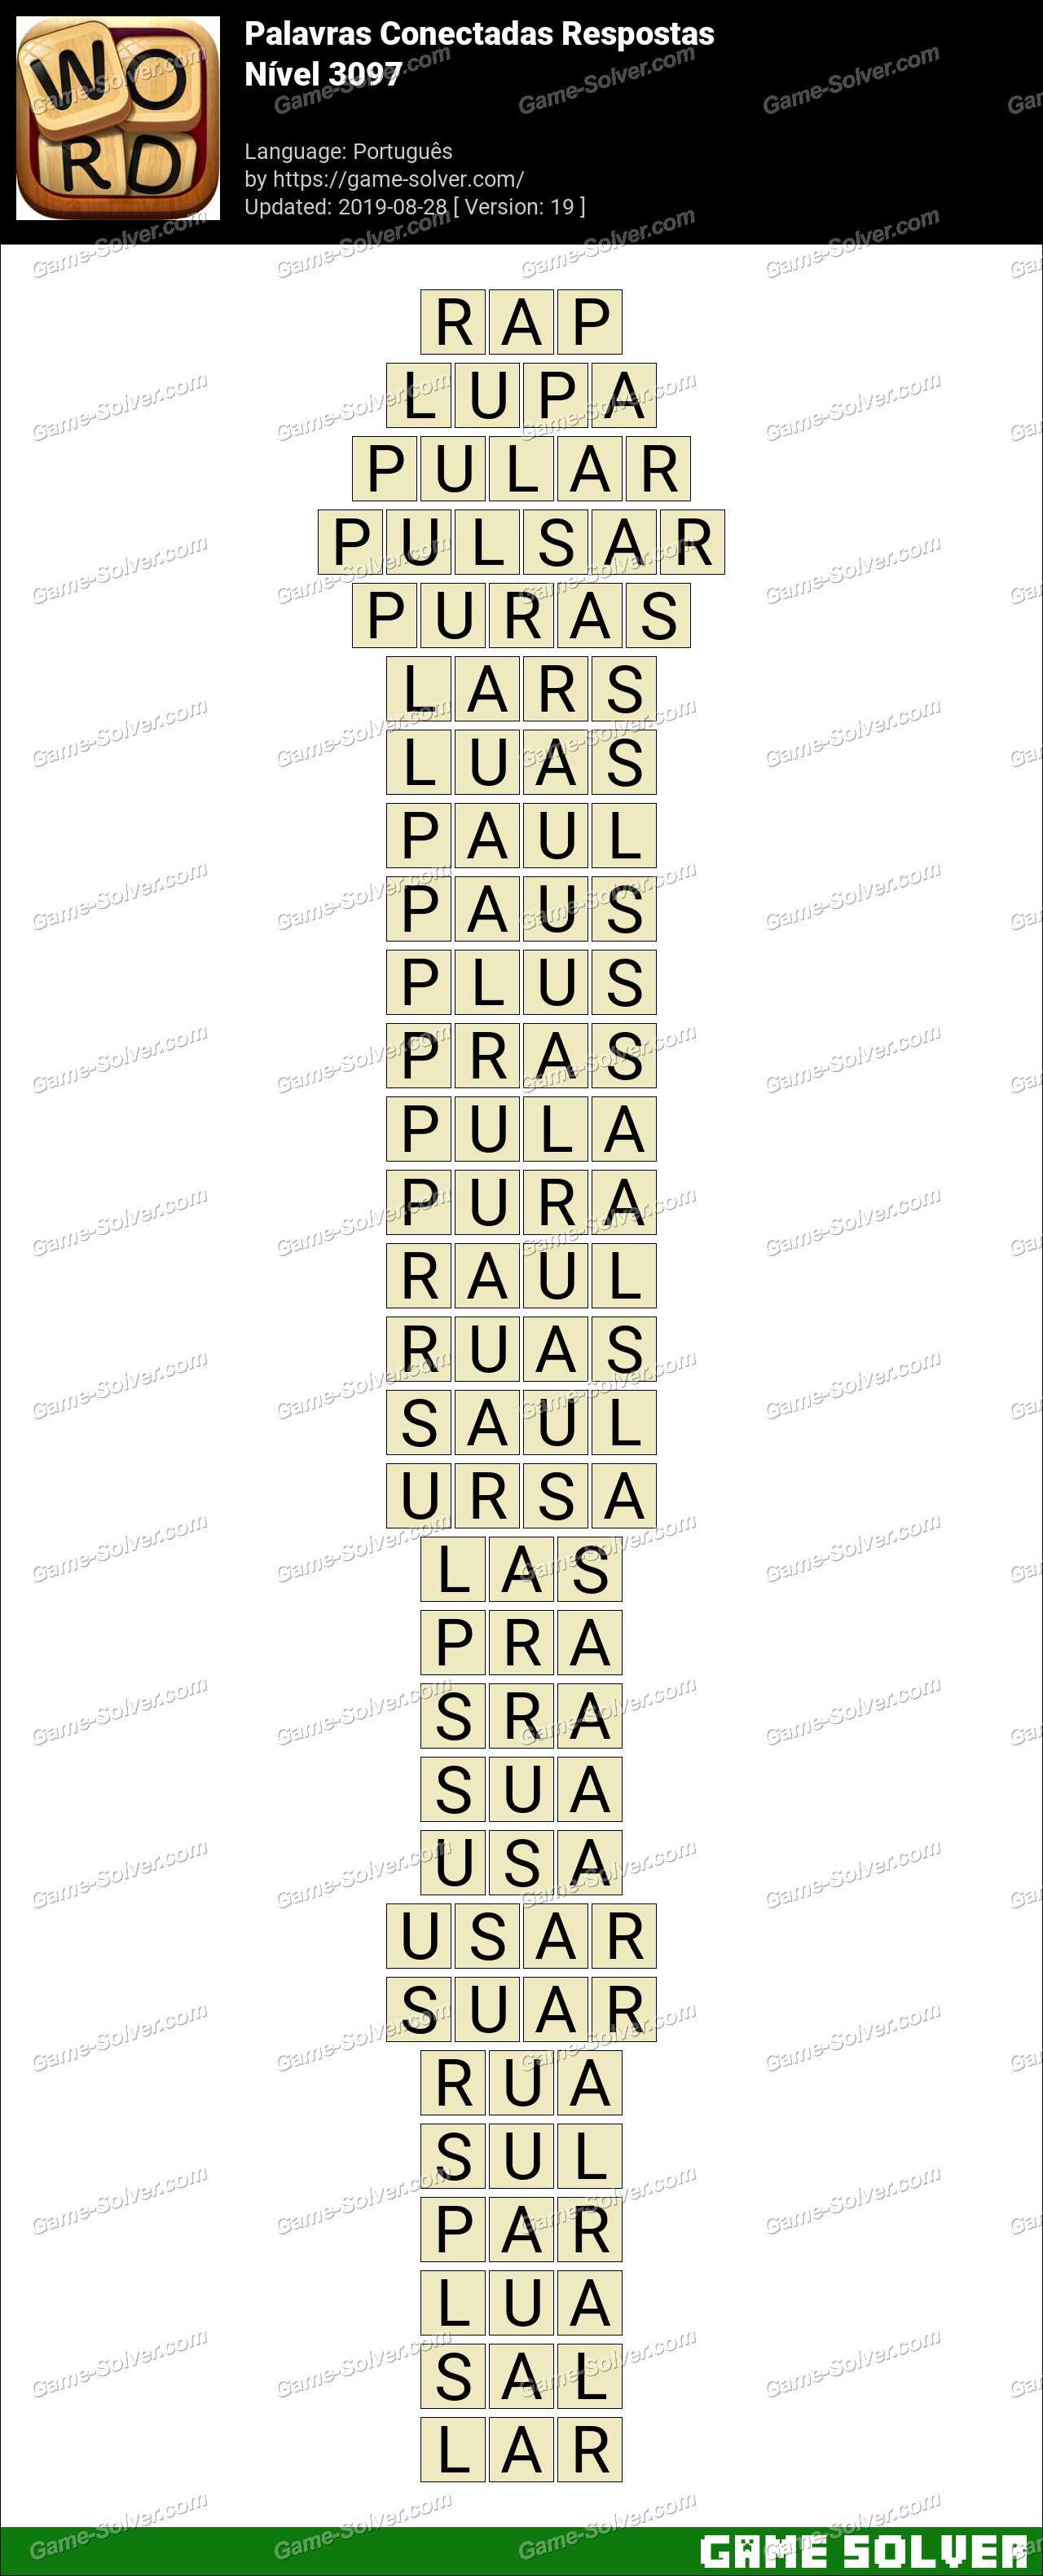 Palavras Conectadas Nivel 3097 Respostas